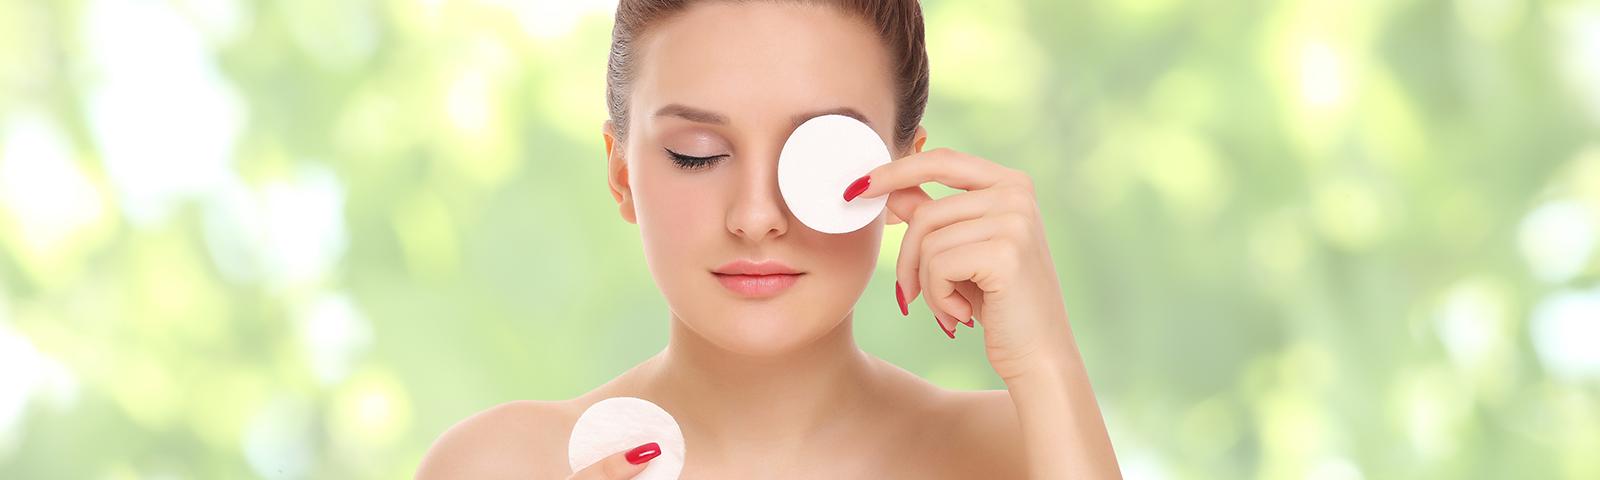 Pielęgnacja twarzy – domowe sposoby z wykorzystaniem płatków i patyczków